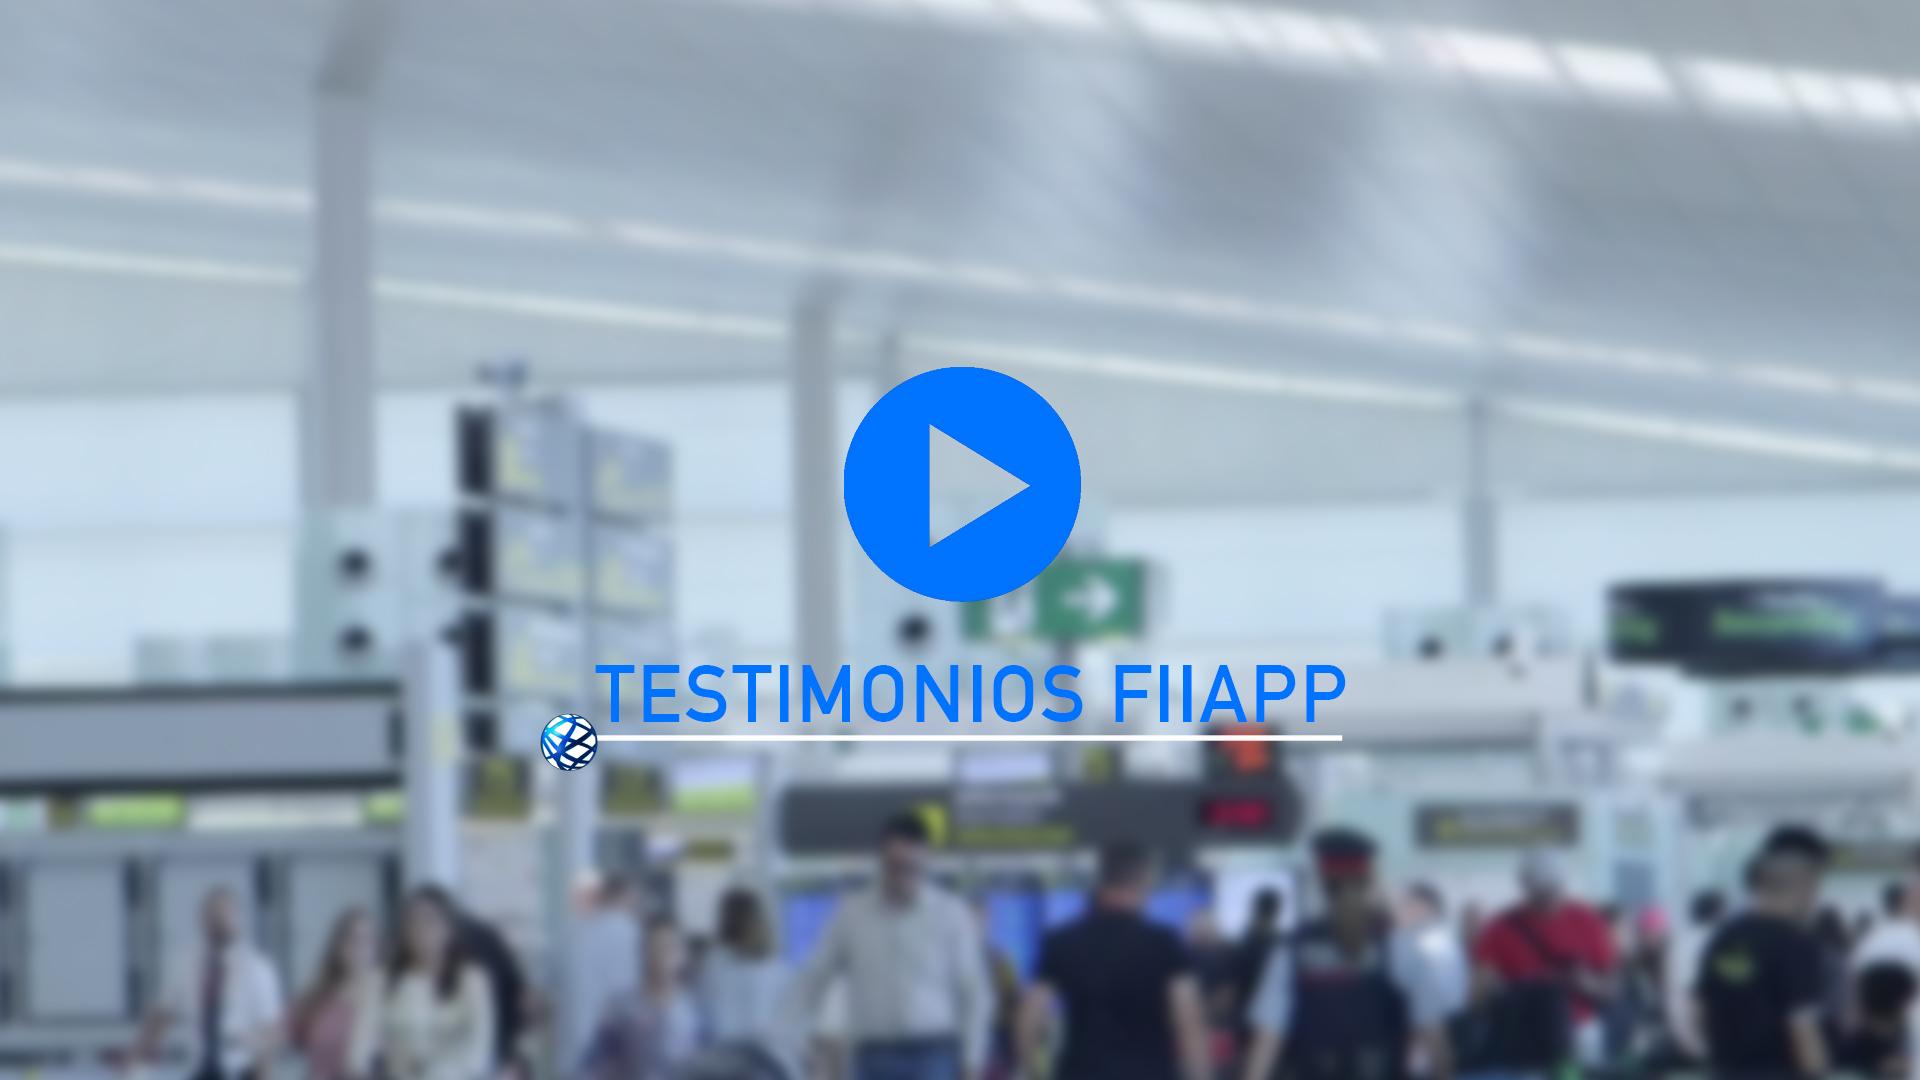 Testimonios FIIAPP: la seguridad en los aeropuertos bolivianos